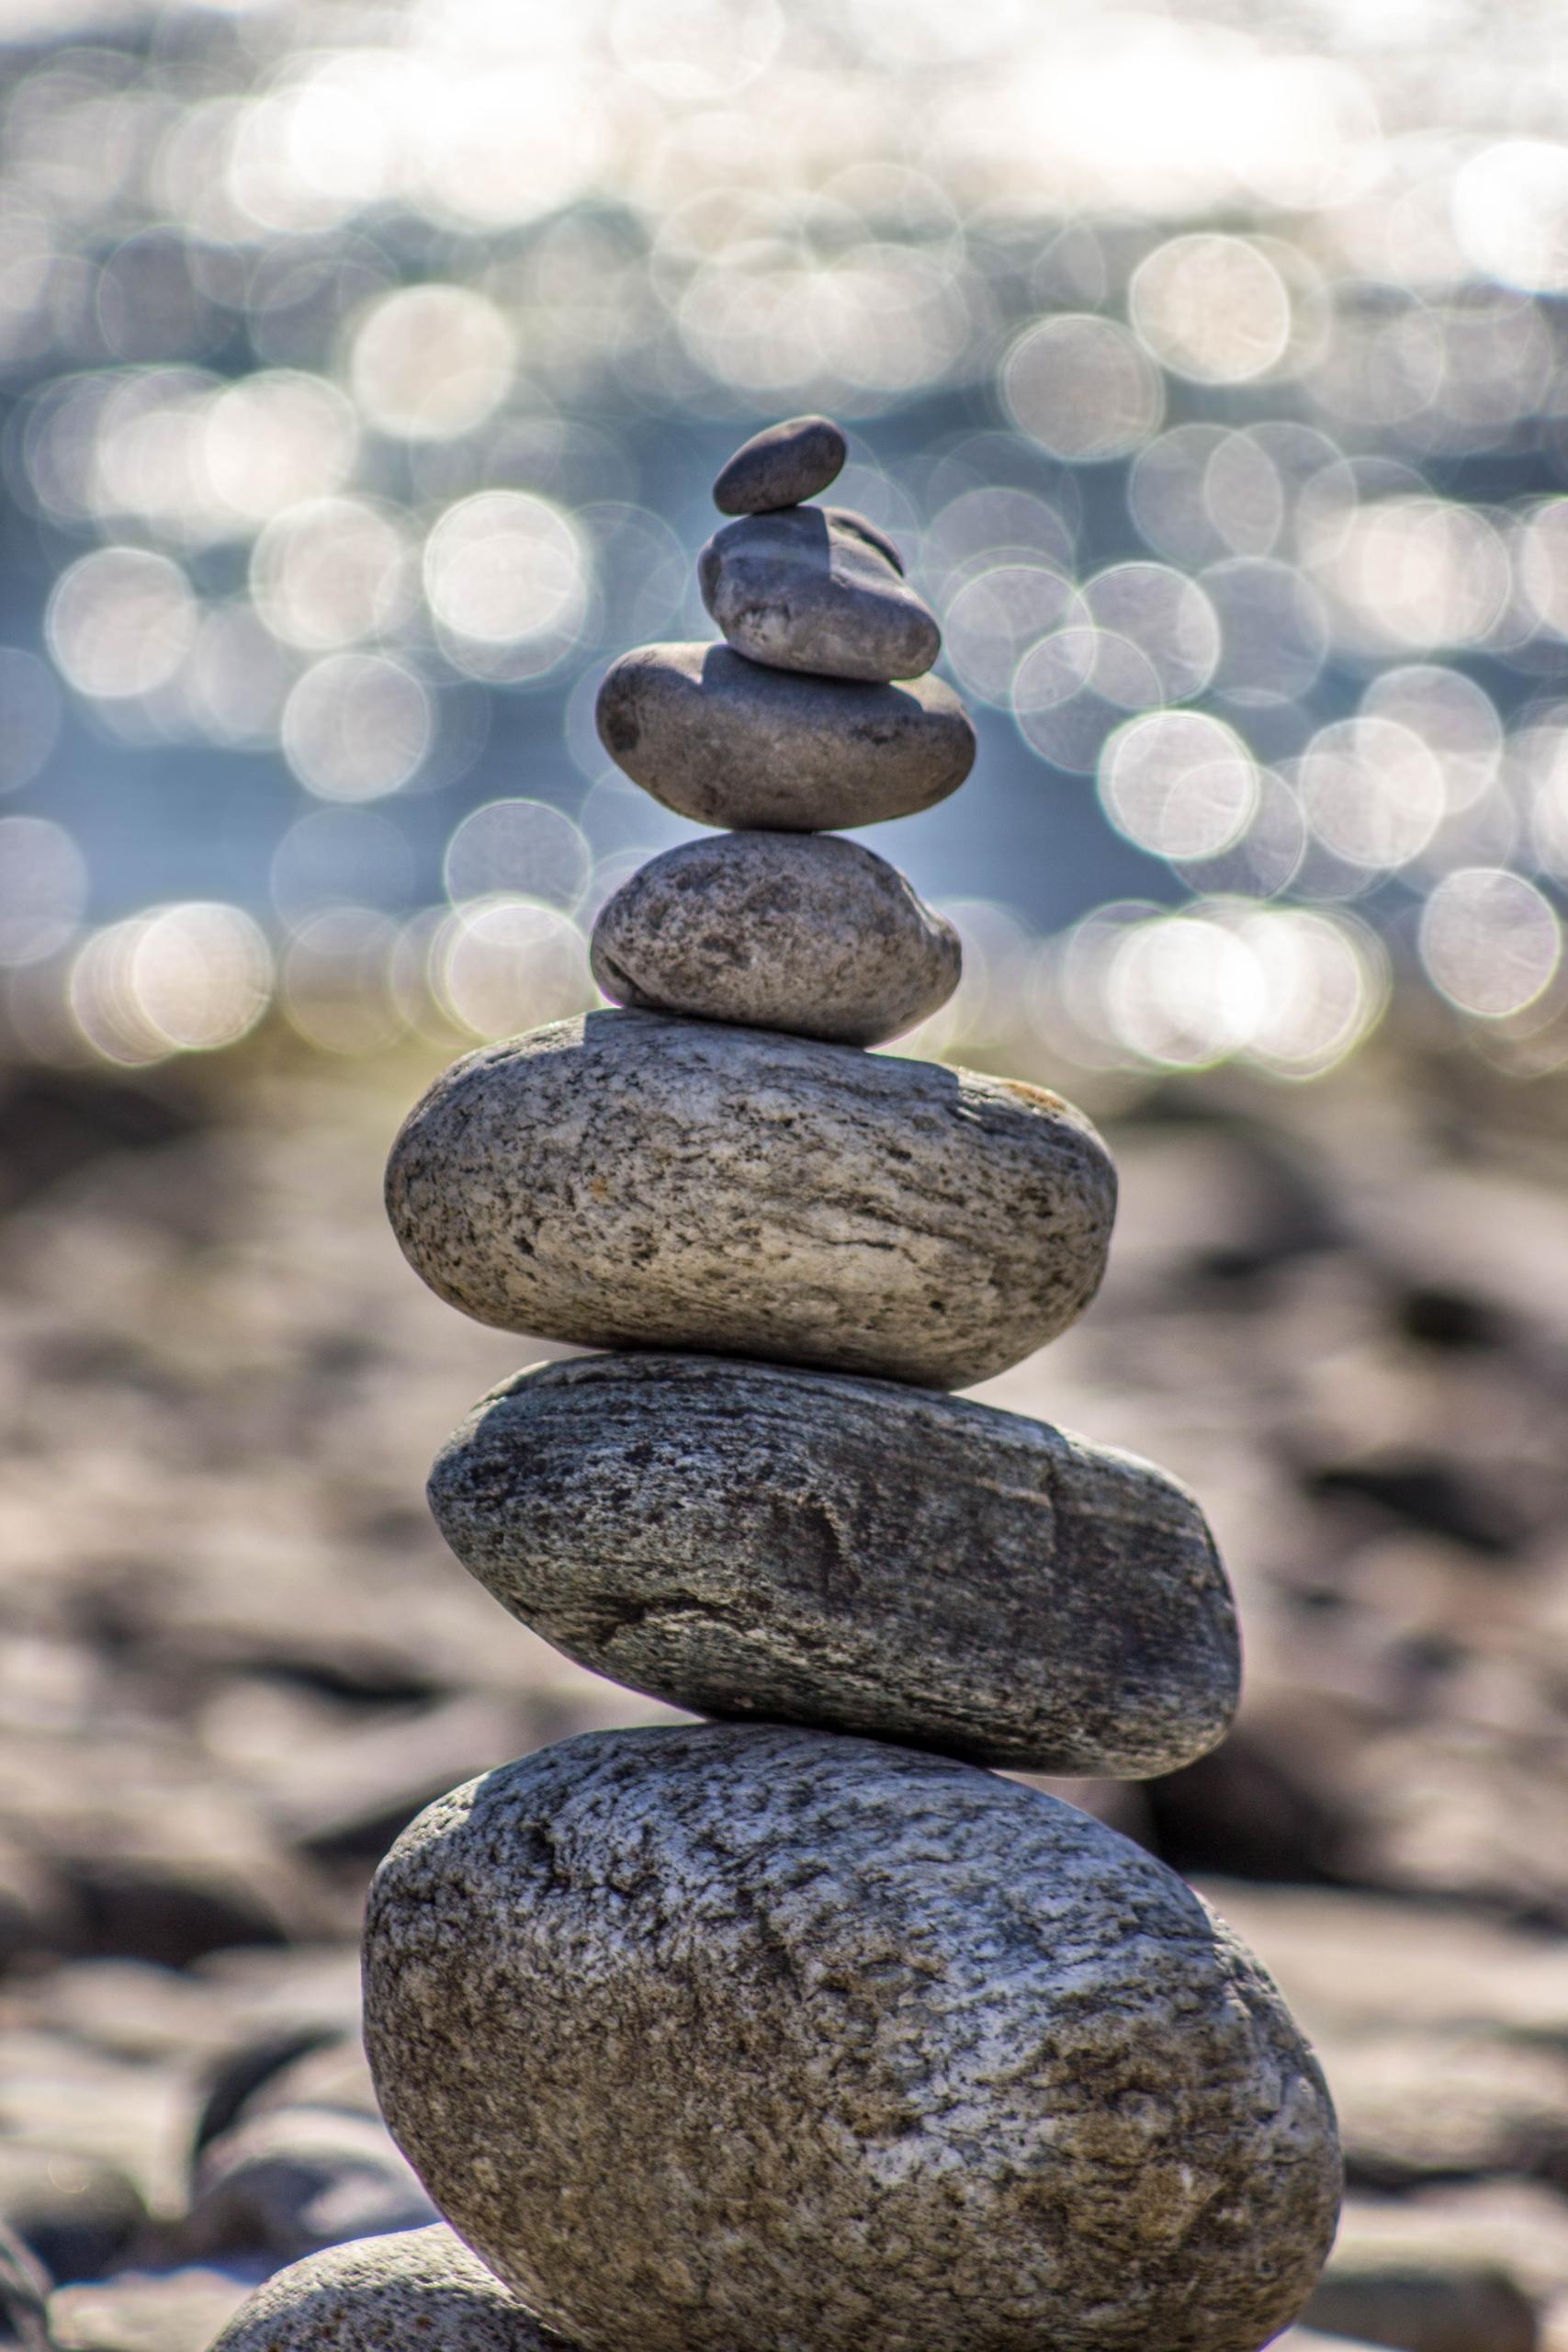 egyensúly, tudatalatti programok felülírása